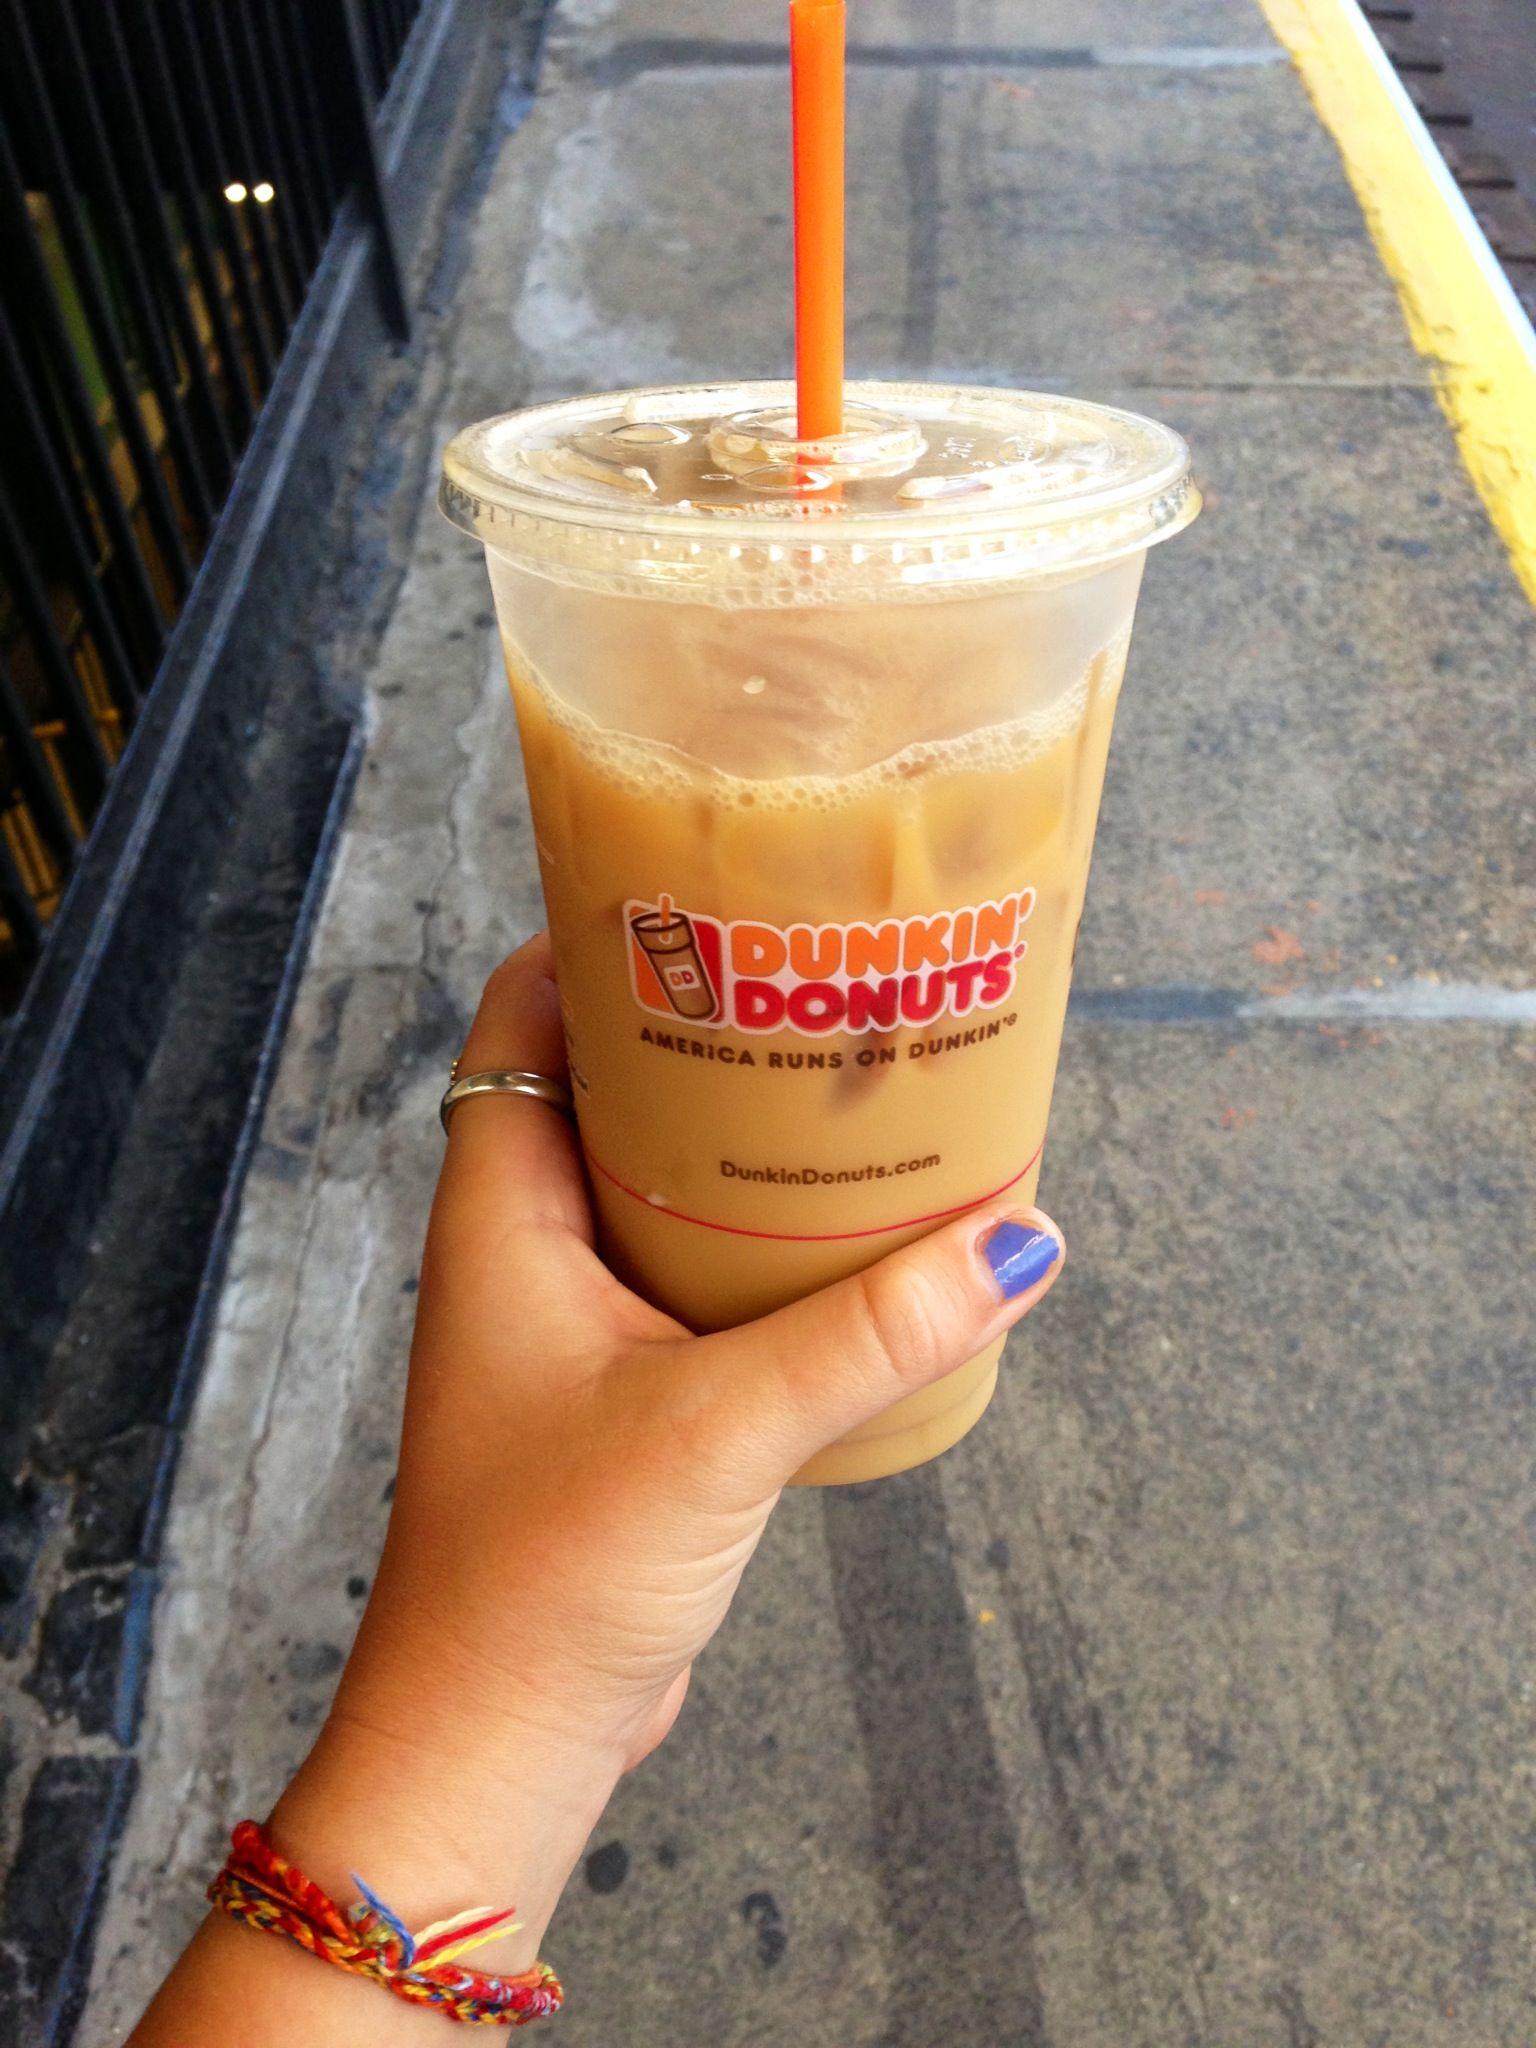 e122040185f3cd901d15997a5293a626 How Much Is A Small Iced Coffee At Dunkin Donuts